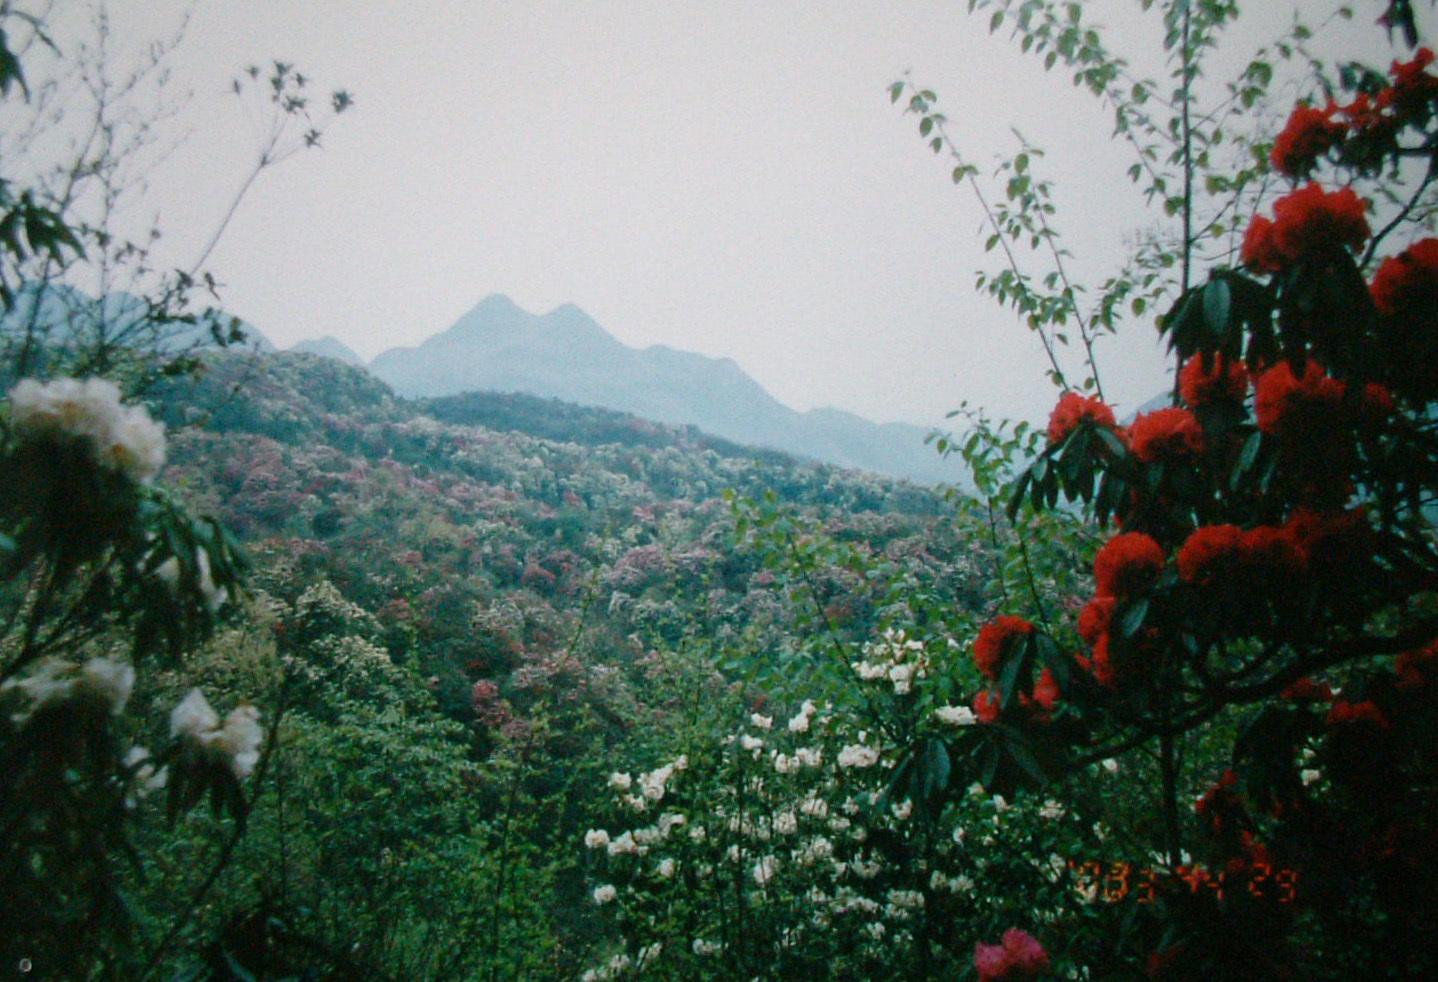 百里杜鹃国家森林公园